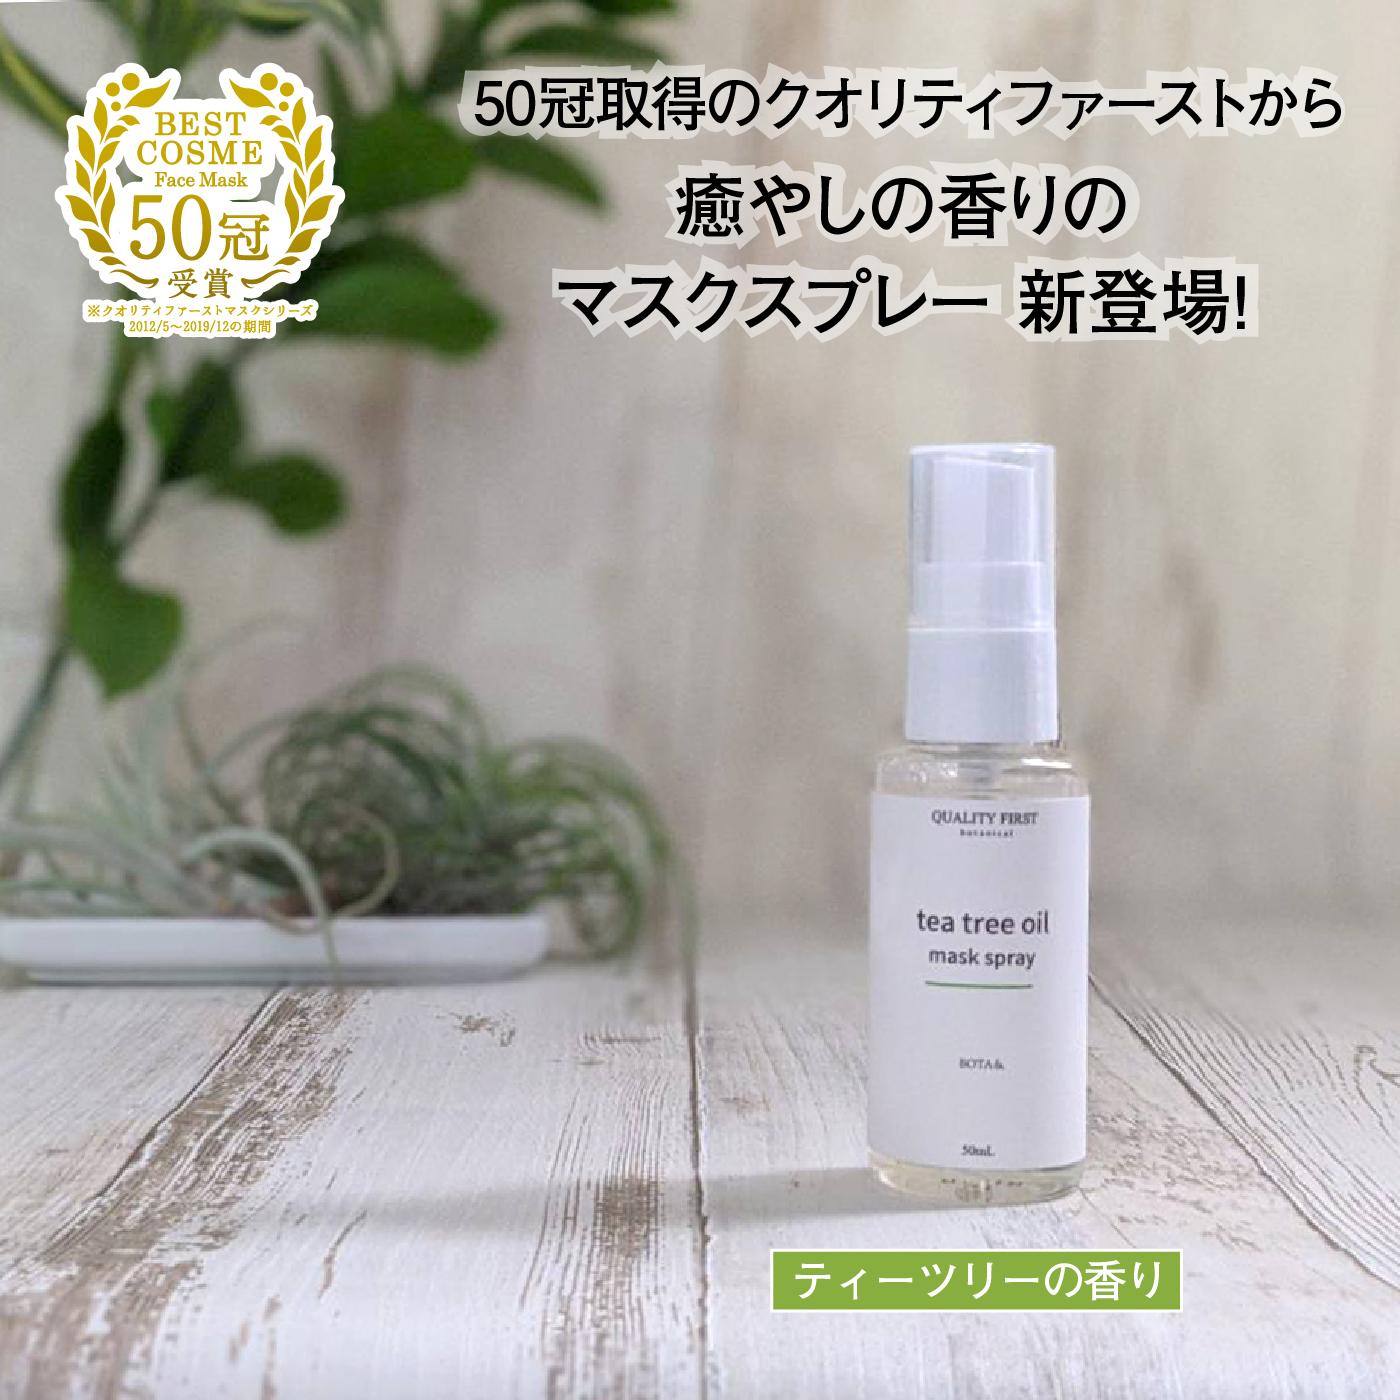 【mask spray tea tree oil】マスクスプレー ティーツリー